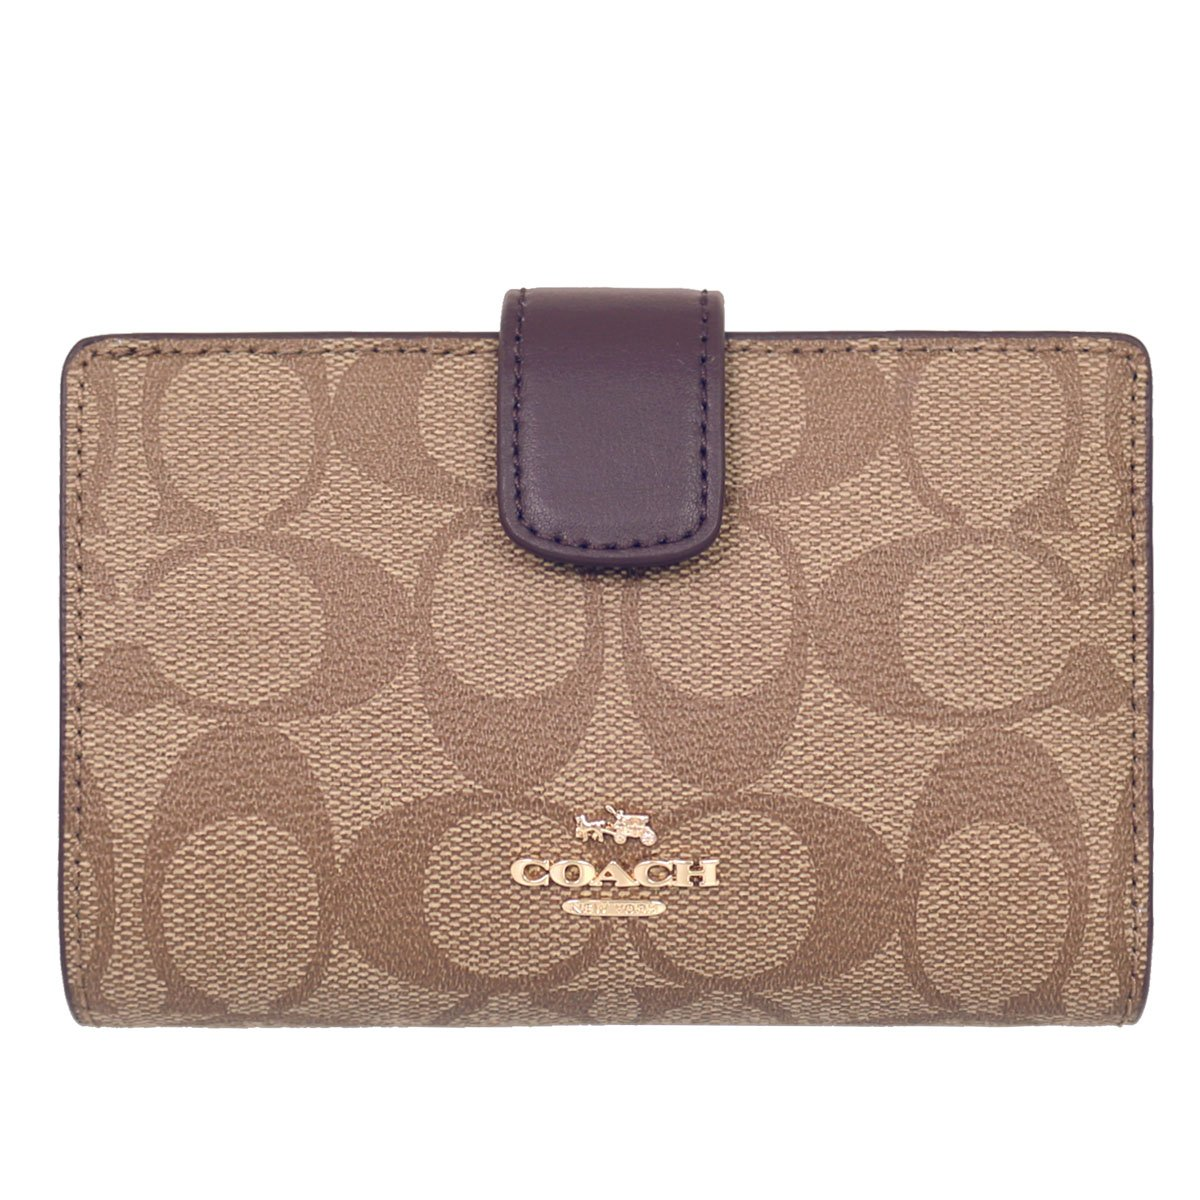 [コーチ] COACH 財布 (二つ折り財布) F54023 シグネチャー 財布 レディース [アウトレット品] [並行輸入品] B076KBJT8D カーキ/オックスブラッド カーキ/オックスブラッド